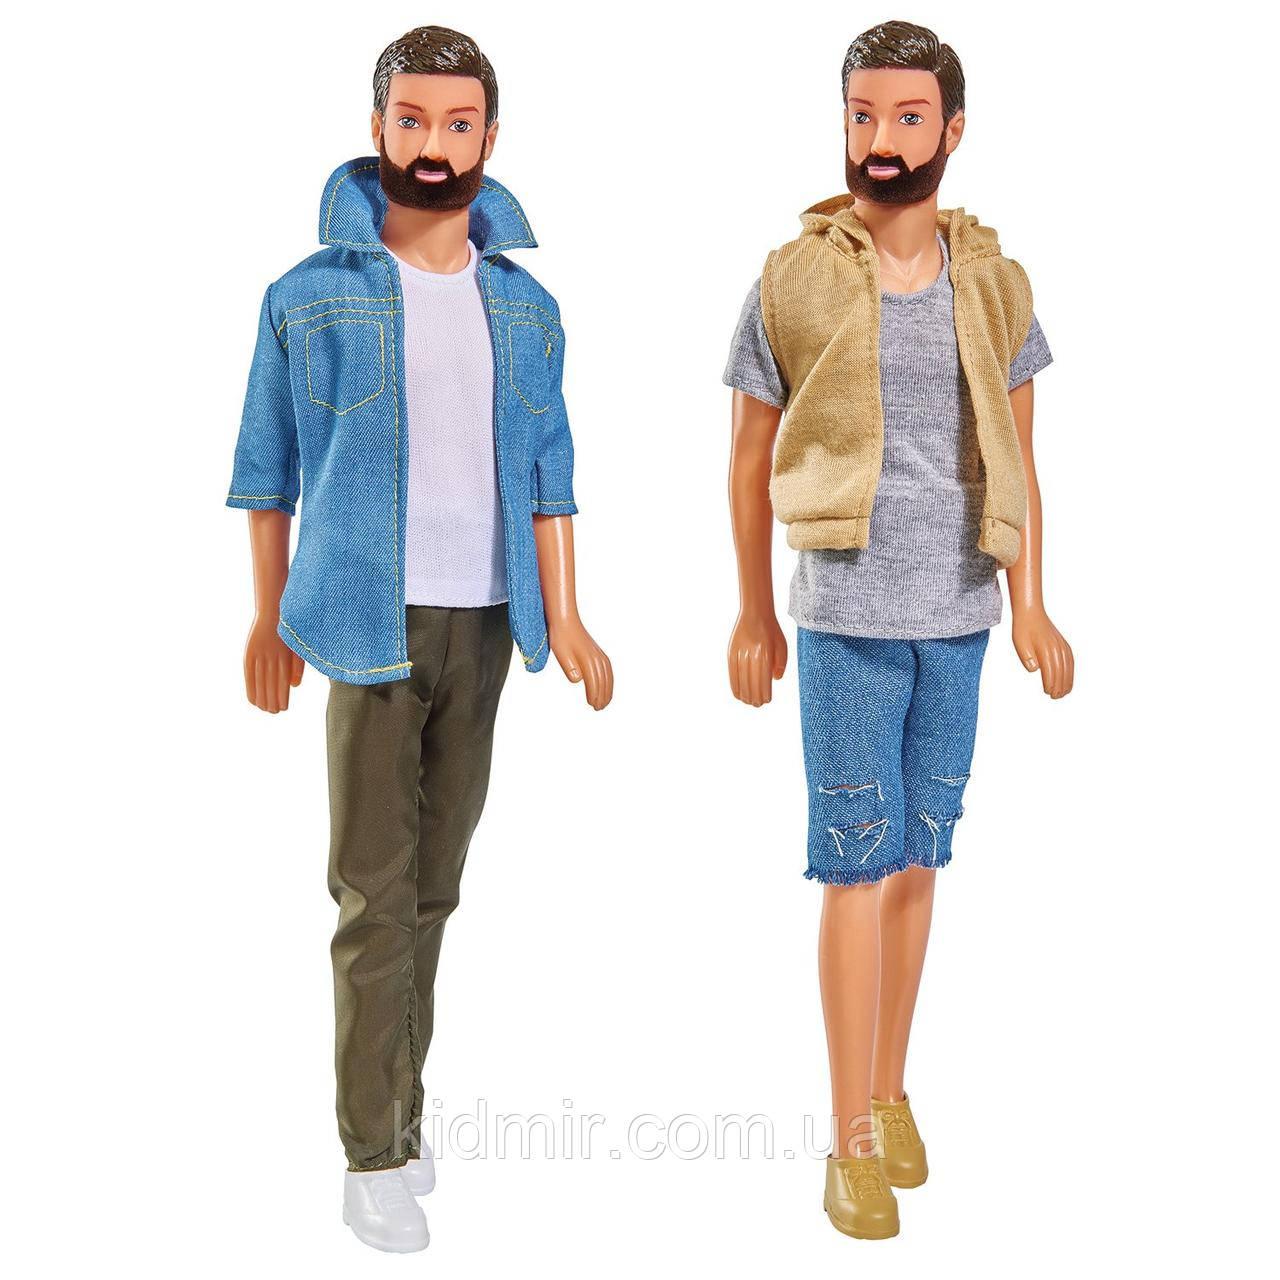 Кукла Кевин с бородой в ассортименте Steffi love Simba 5733241